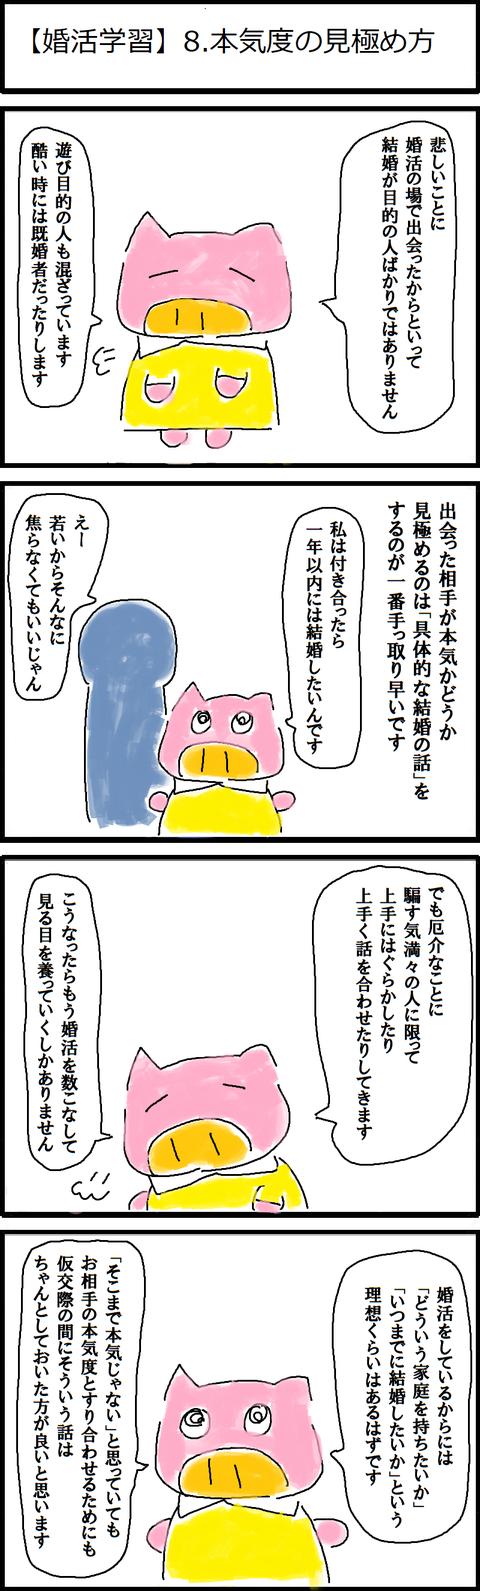 【婚活学習】8.本気度の見極め方